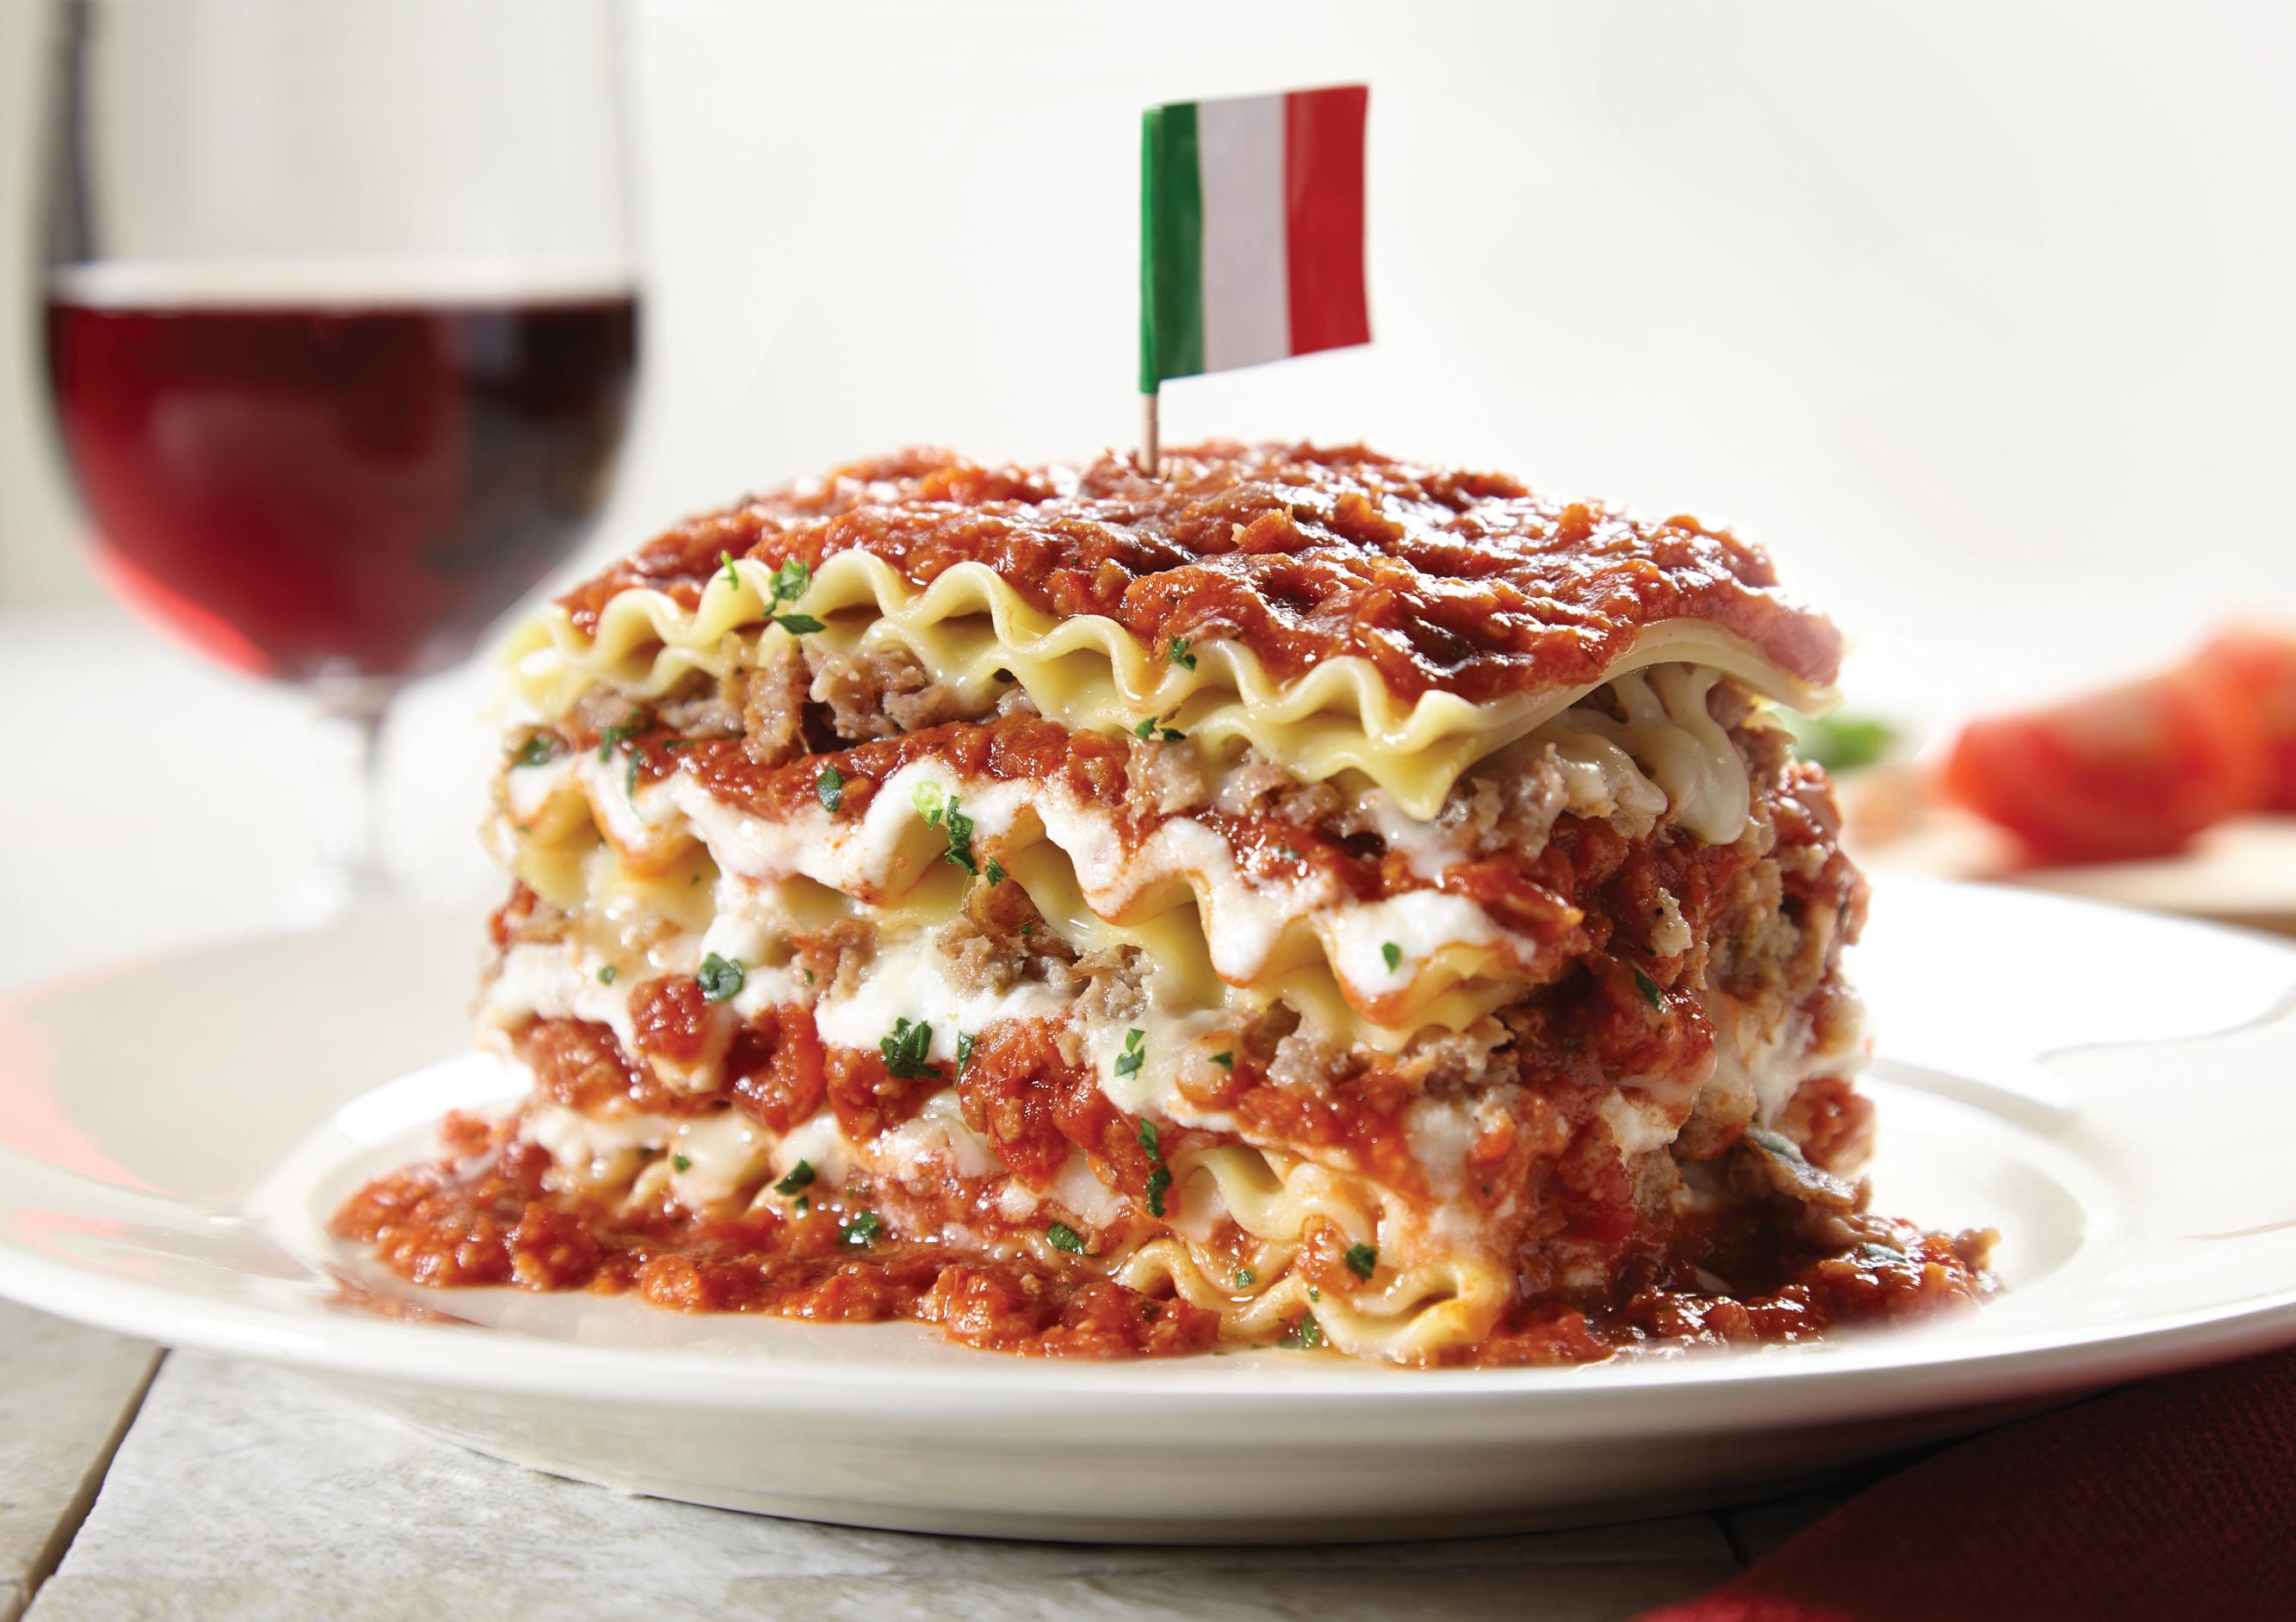 Lasagna at Spaghetti Warehouse.